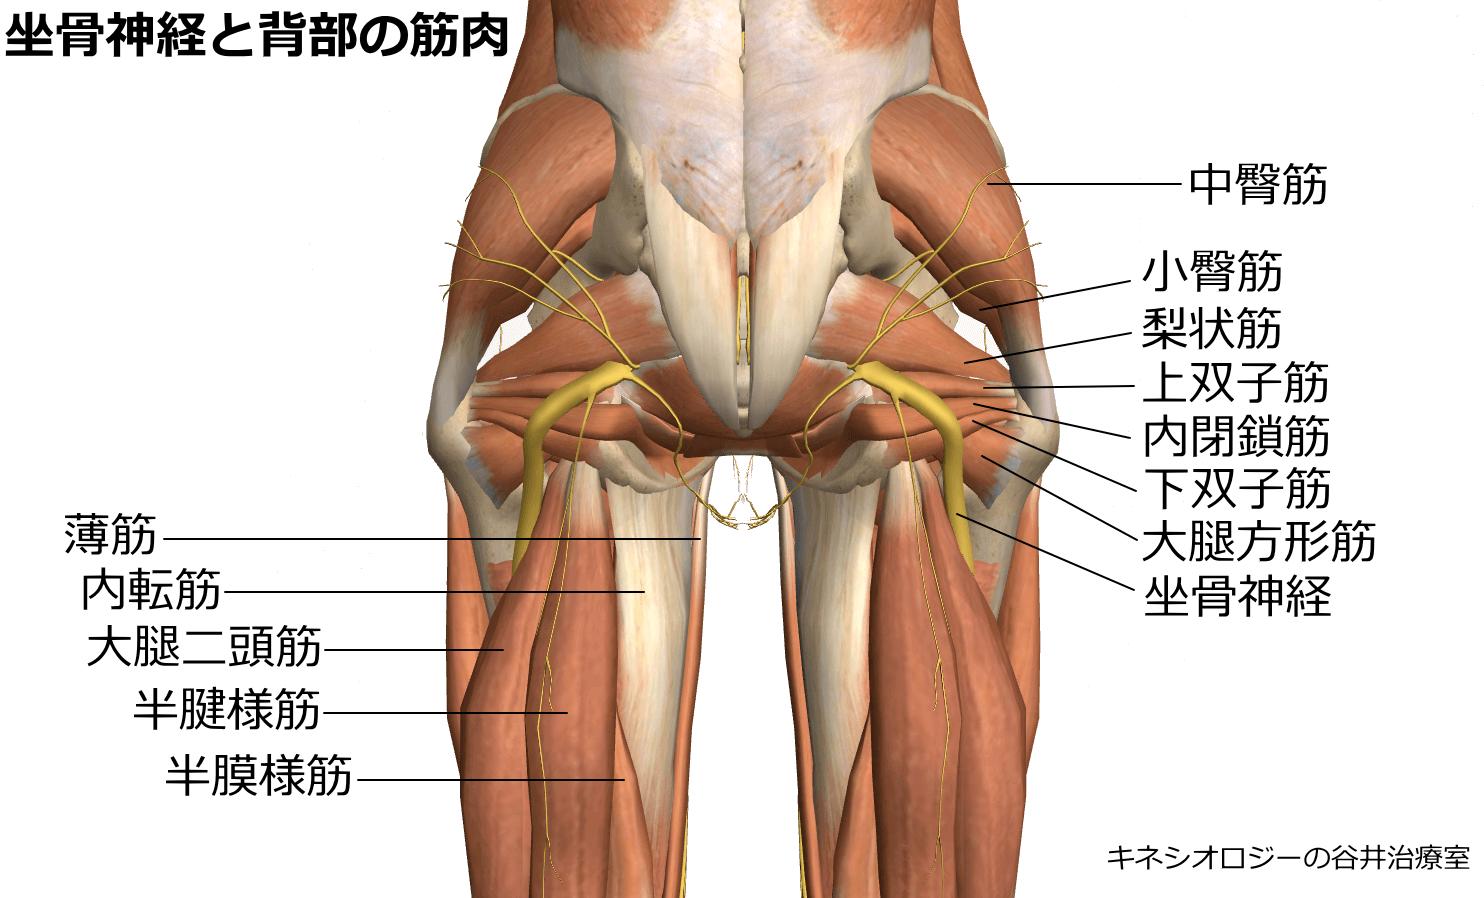 坐骨神経と臀部筋肉